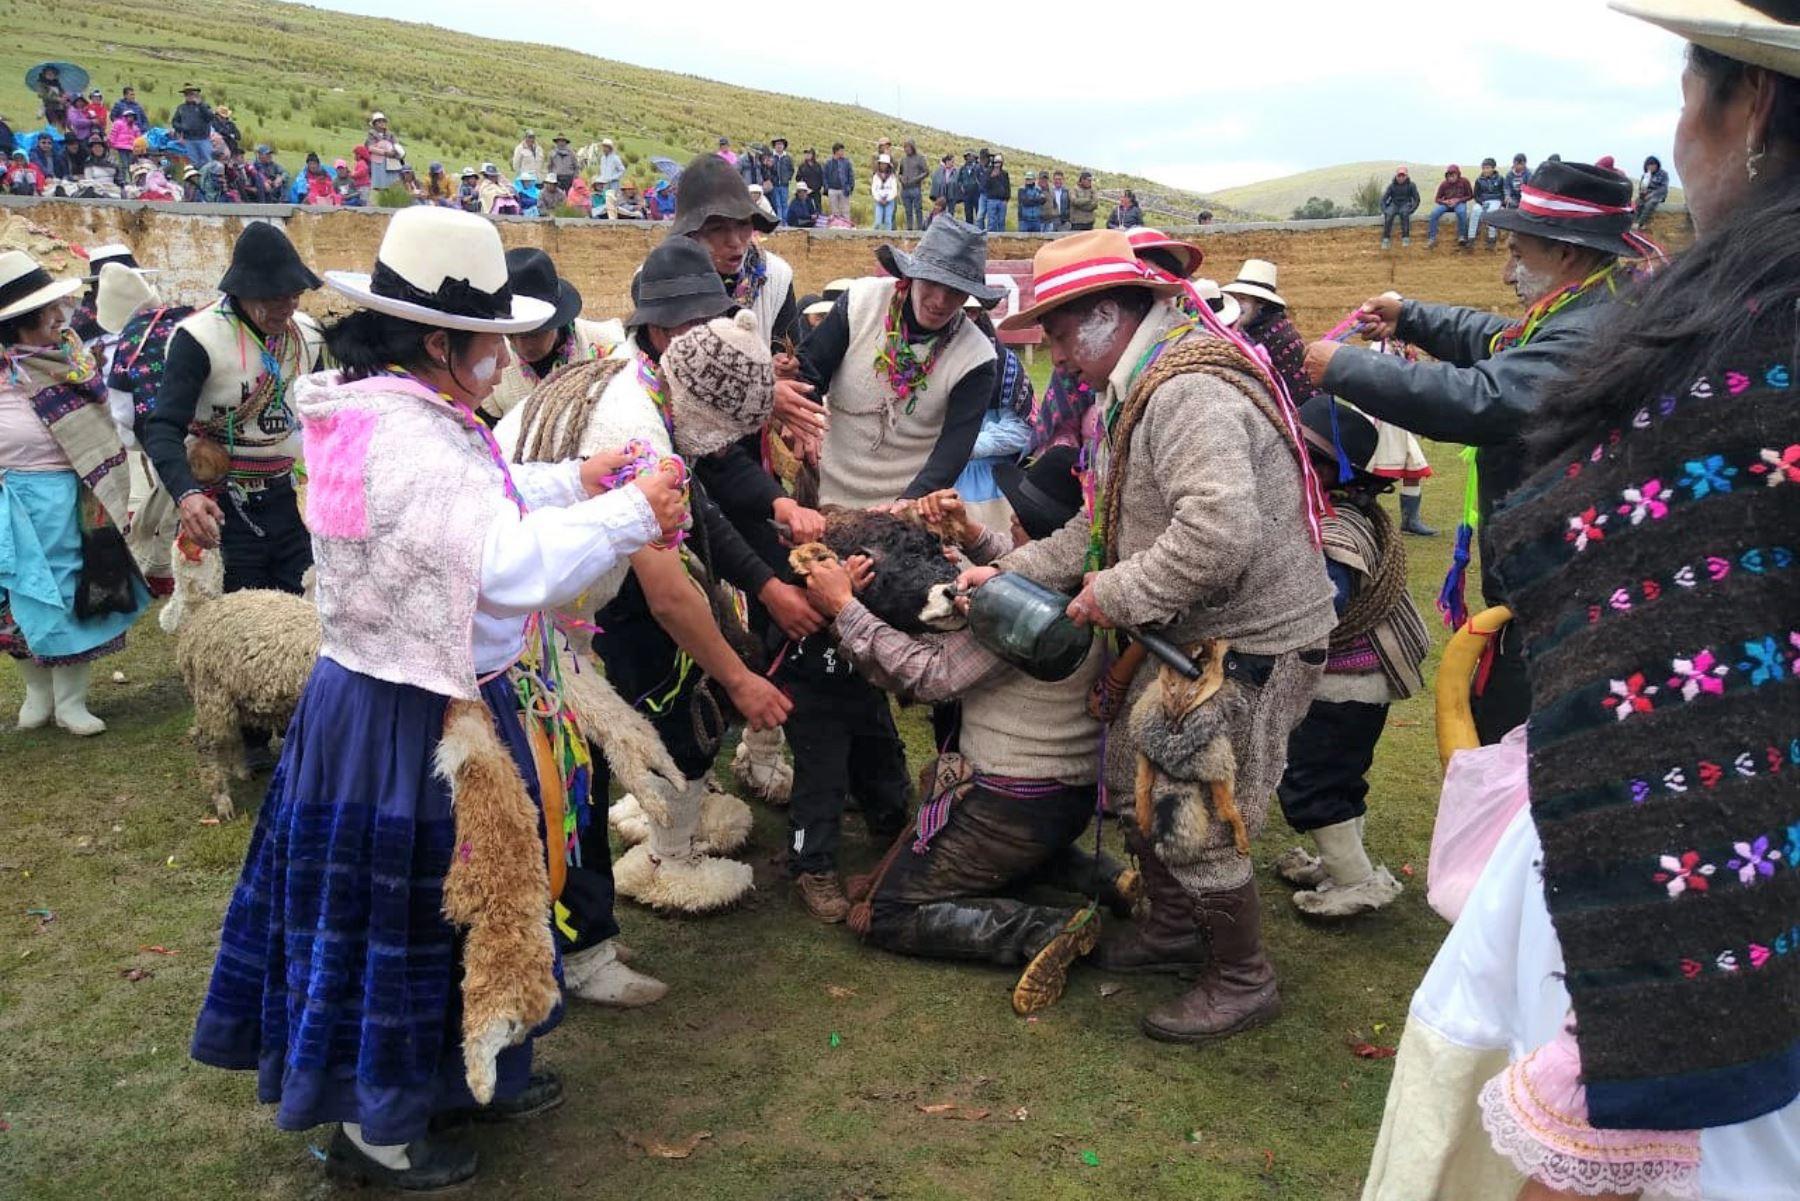 Ondores celebra tradicional fiesta de la Herranza e inicia festejos por carnavales en Junín. Foto: Pedro Tinoco